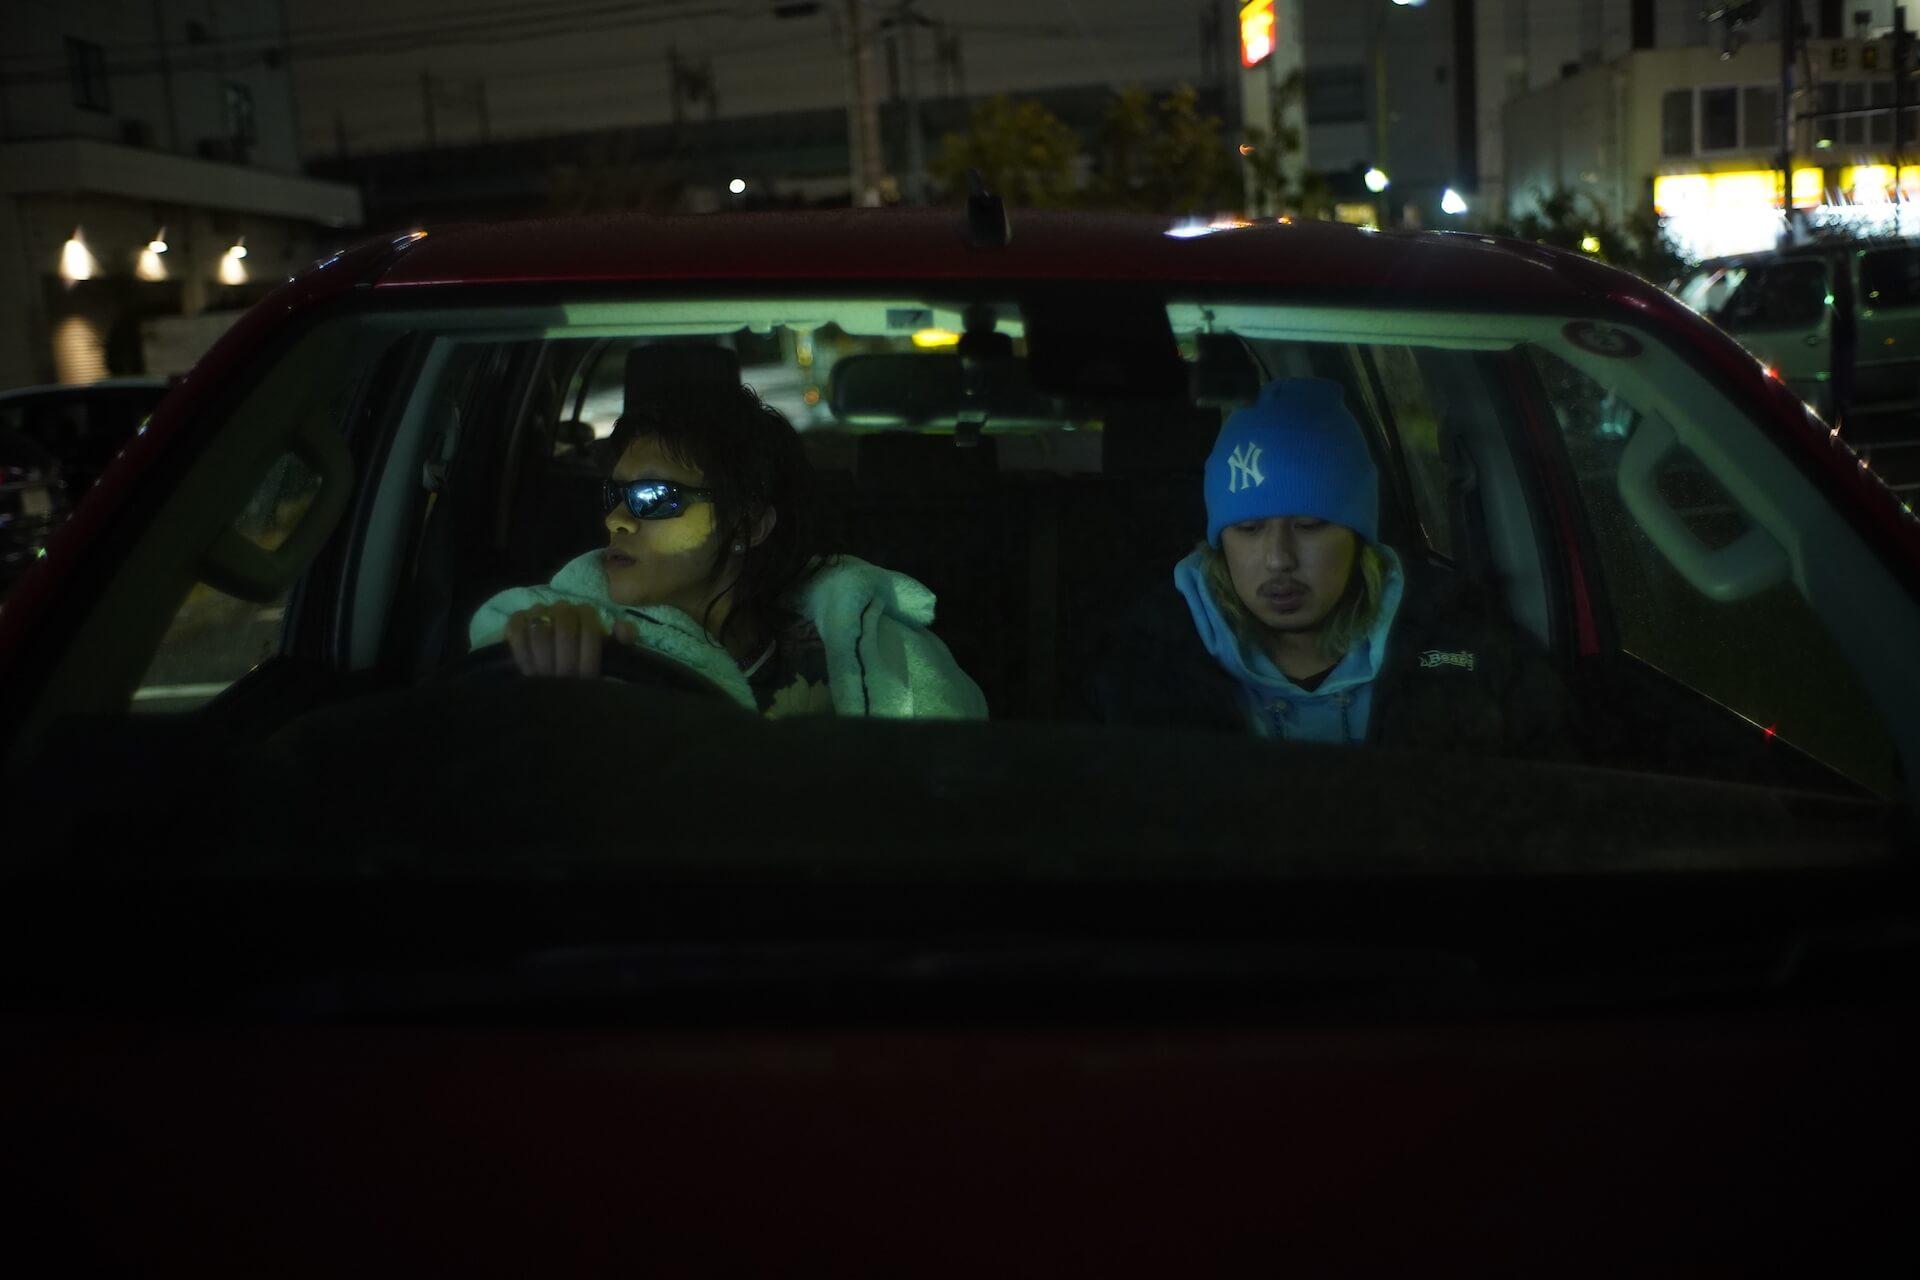 Tohjiがトヨタ・ハイラックスでドライブ対談する映像が今夜スペースシャワーTV&YouTubeで解禁 対談相手はMURVSAKI music191224_tohji_drive_main